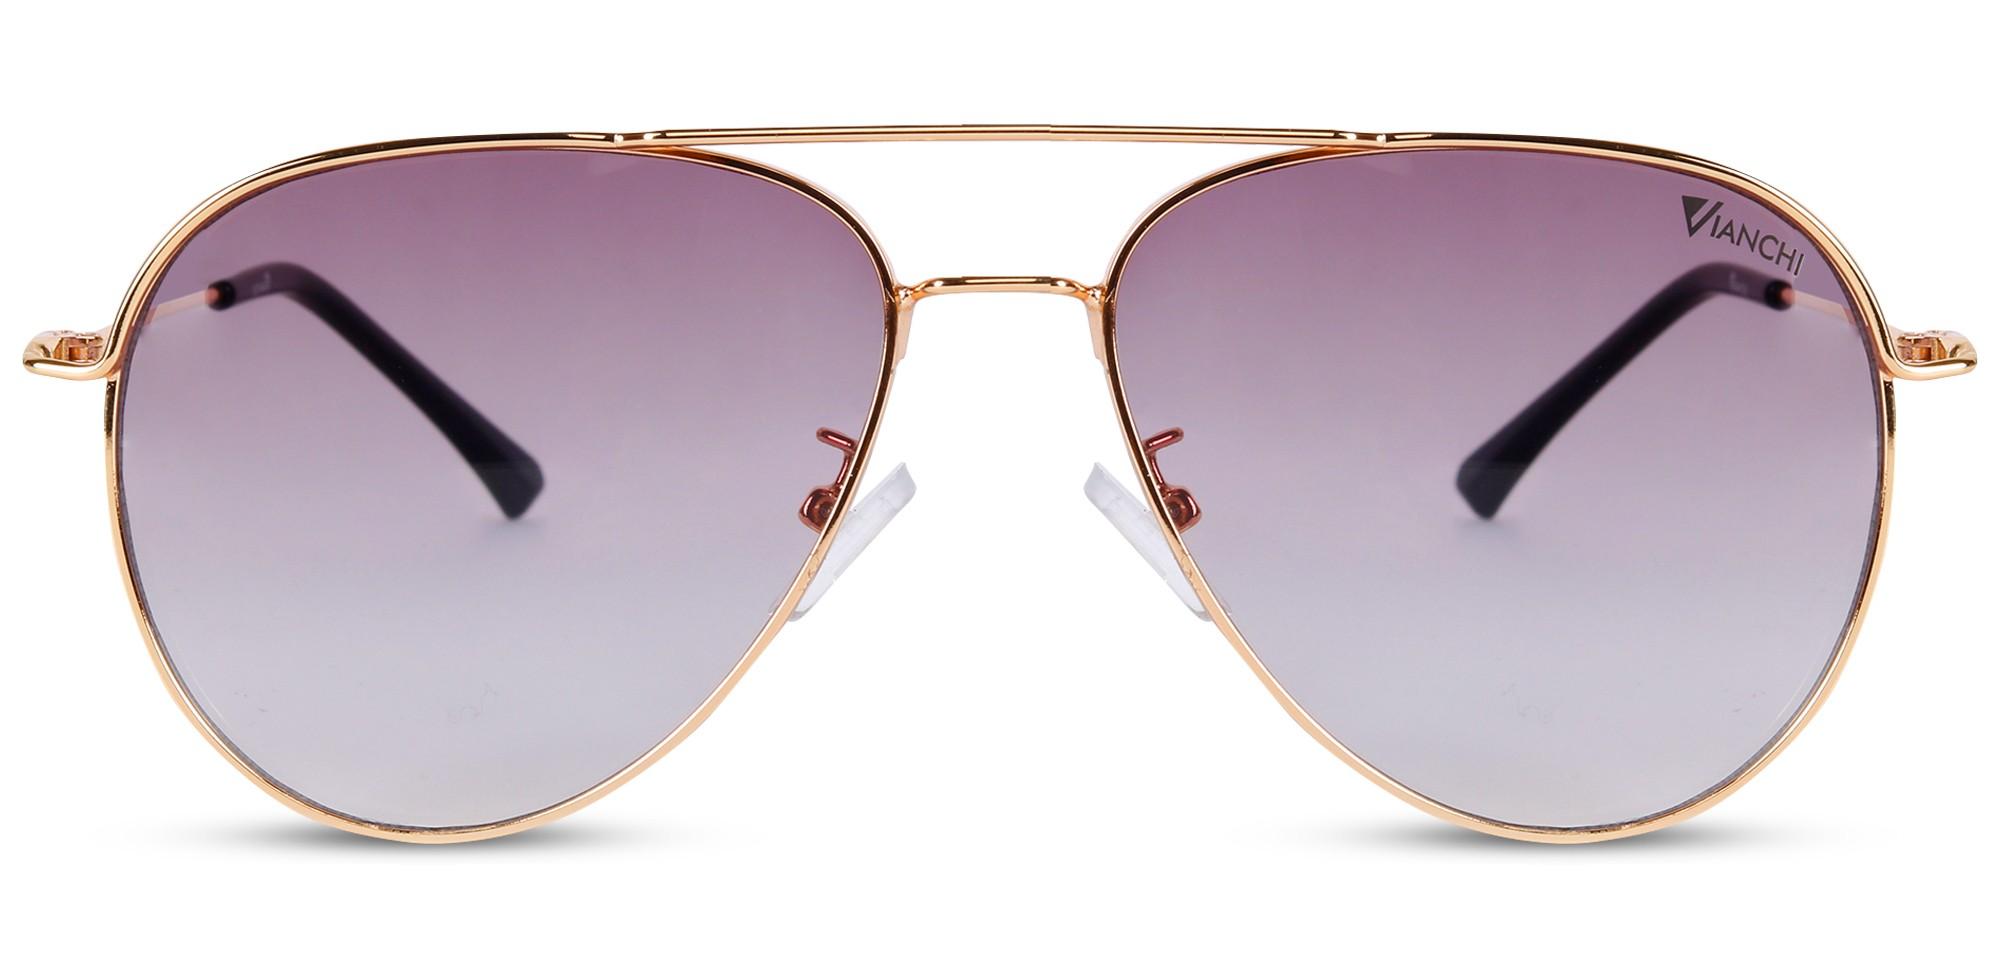 Metal Aviator Golden Rim Grey-Pink Inside Sunglass